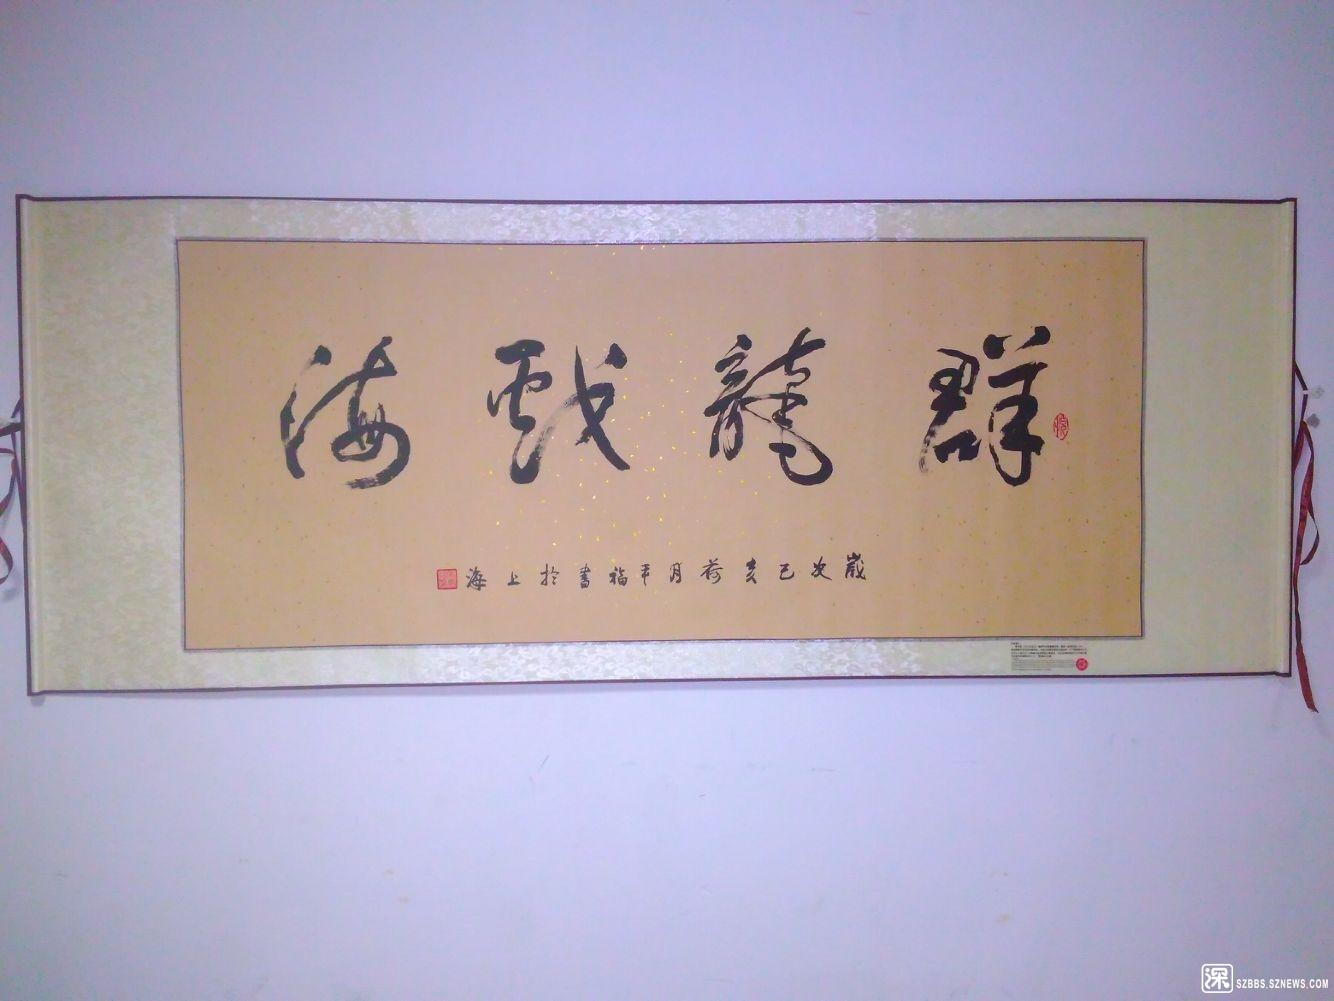 马平福 国际知名书画家 收藏级艺术品21942.jpg